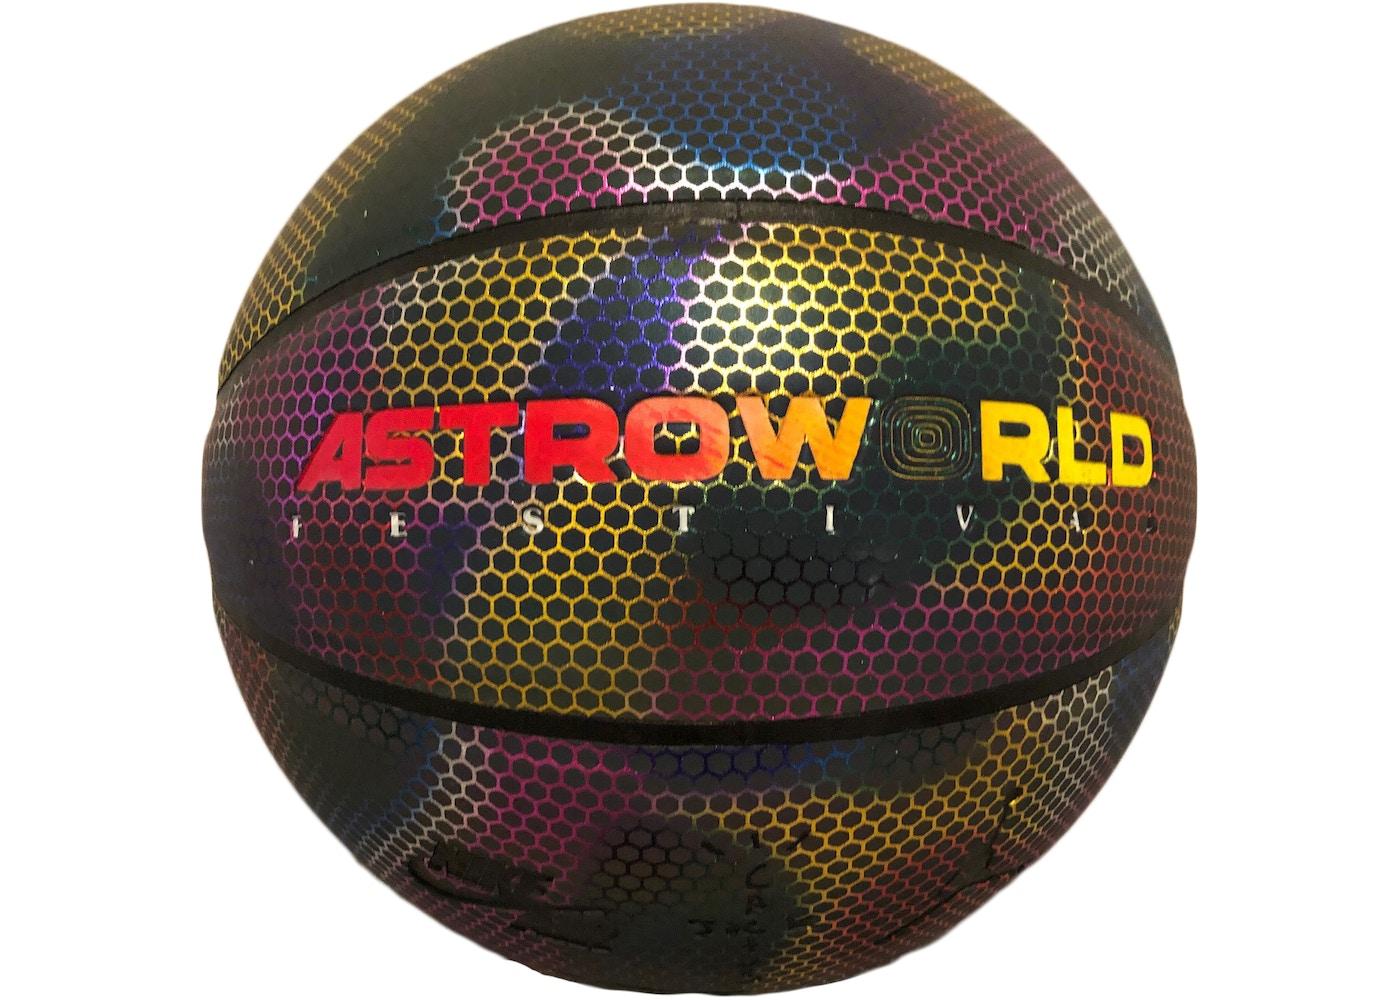 buscar oficial materiales de alta calidad numerosos en variedad Travis Scott x Nike Basketball Black Multicolor -